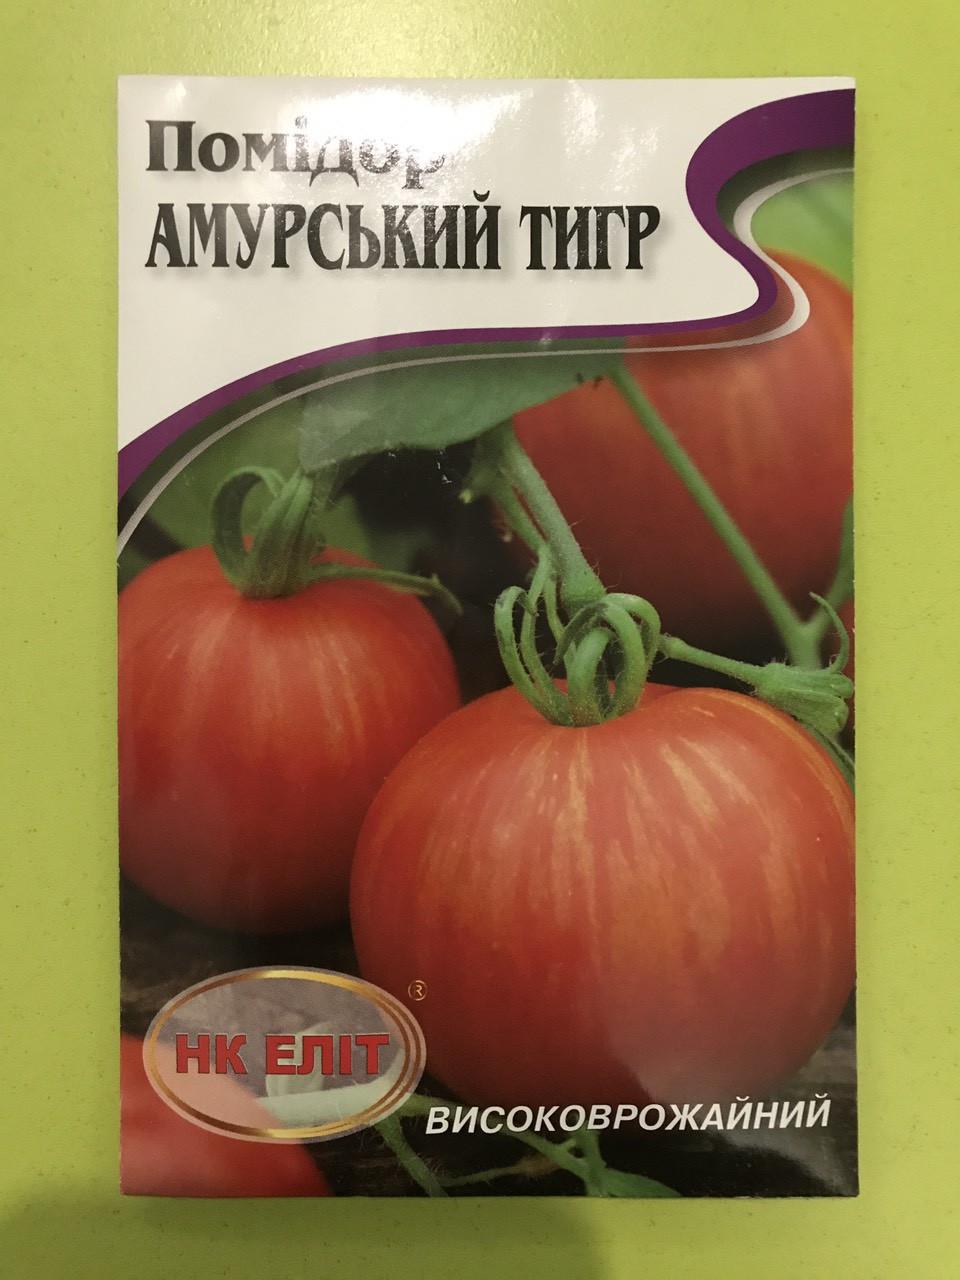 Семена томата Амурский тигр 1.5 г НК Элит (412834)